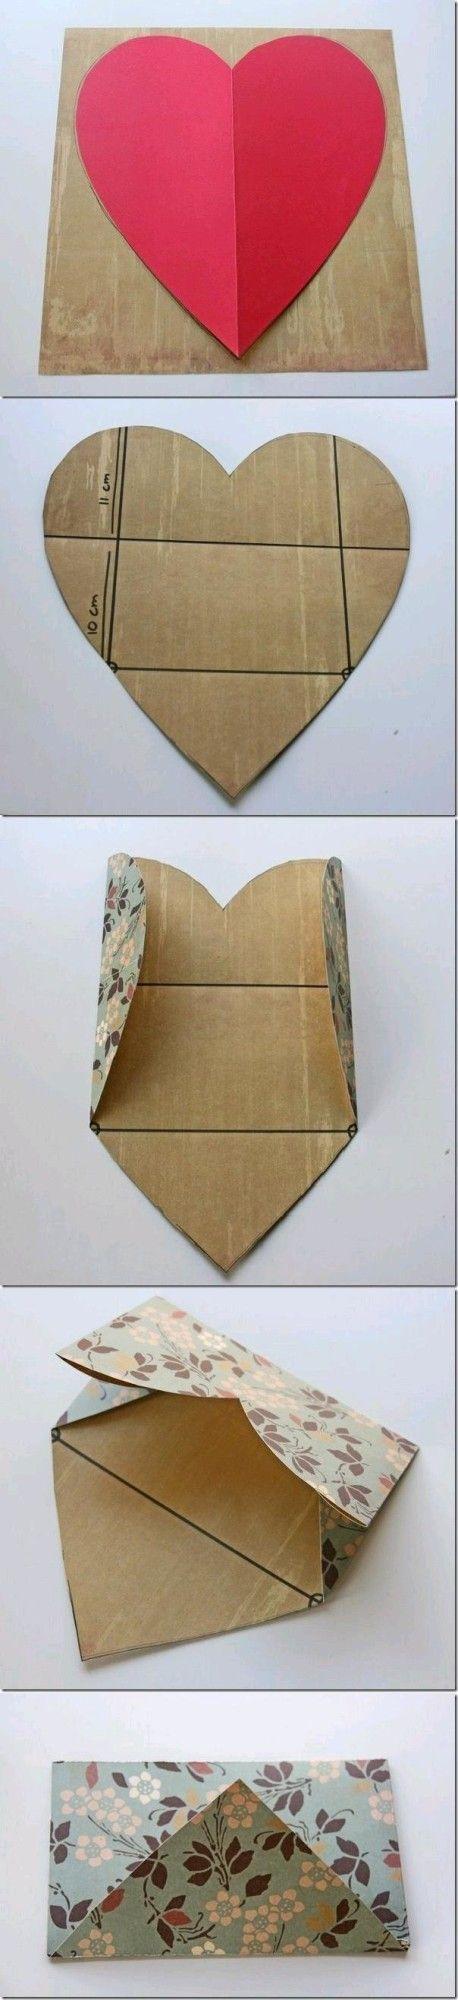 Herz Umschlag                                                                                                                                                      Mehr